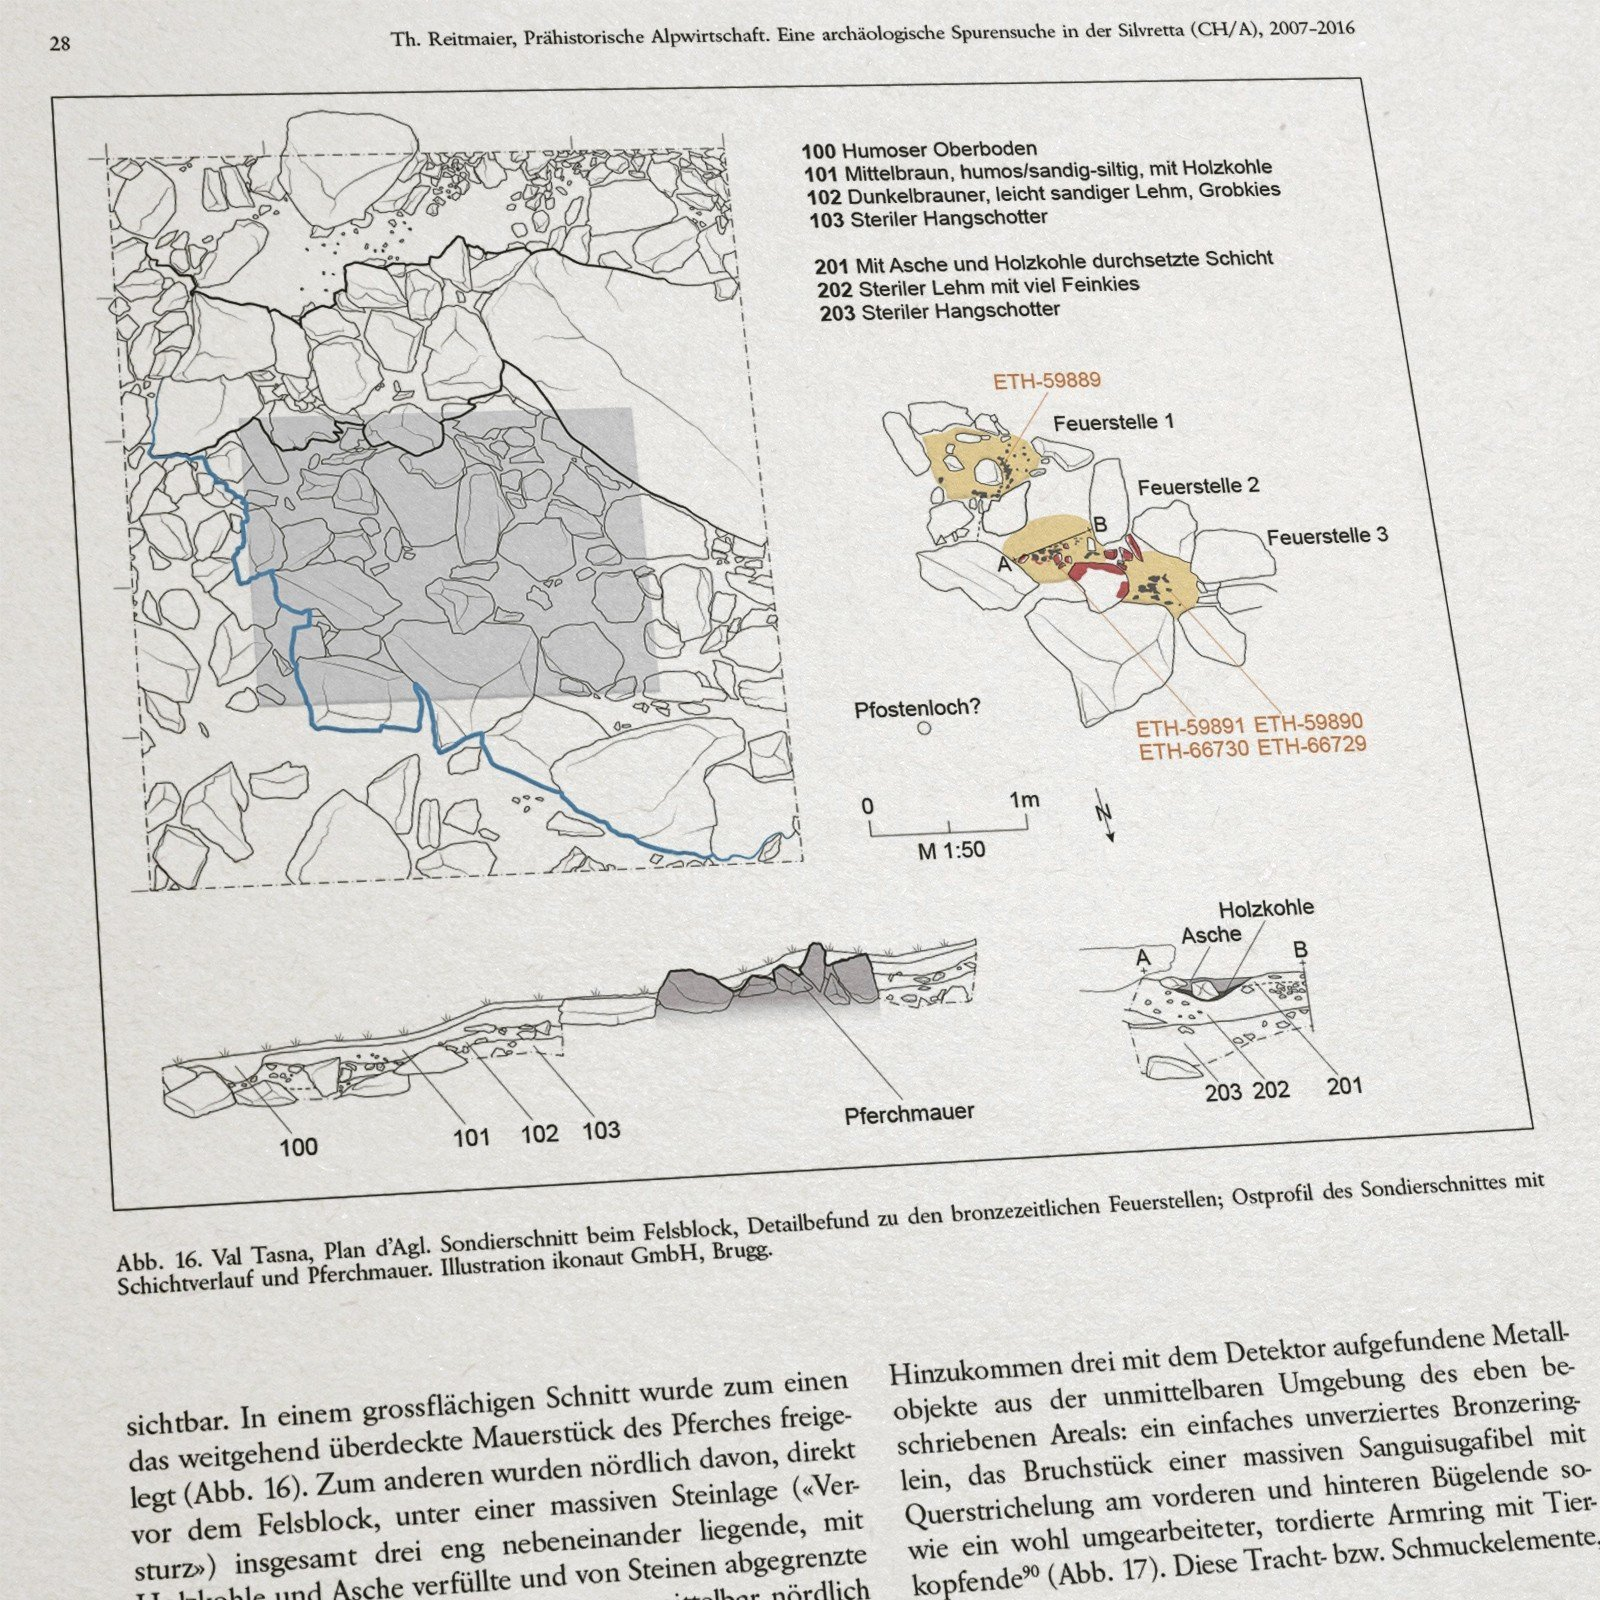 Praehistorische Alpwirtschaft 01 ikonaut